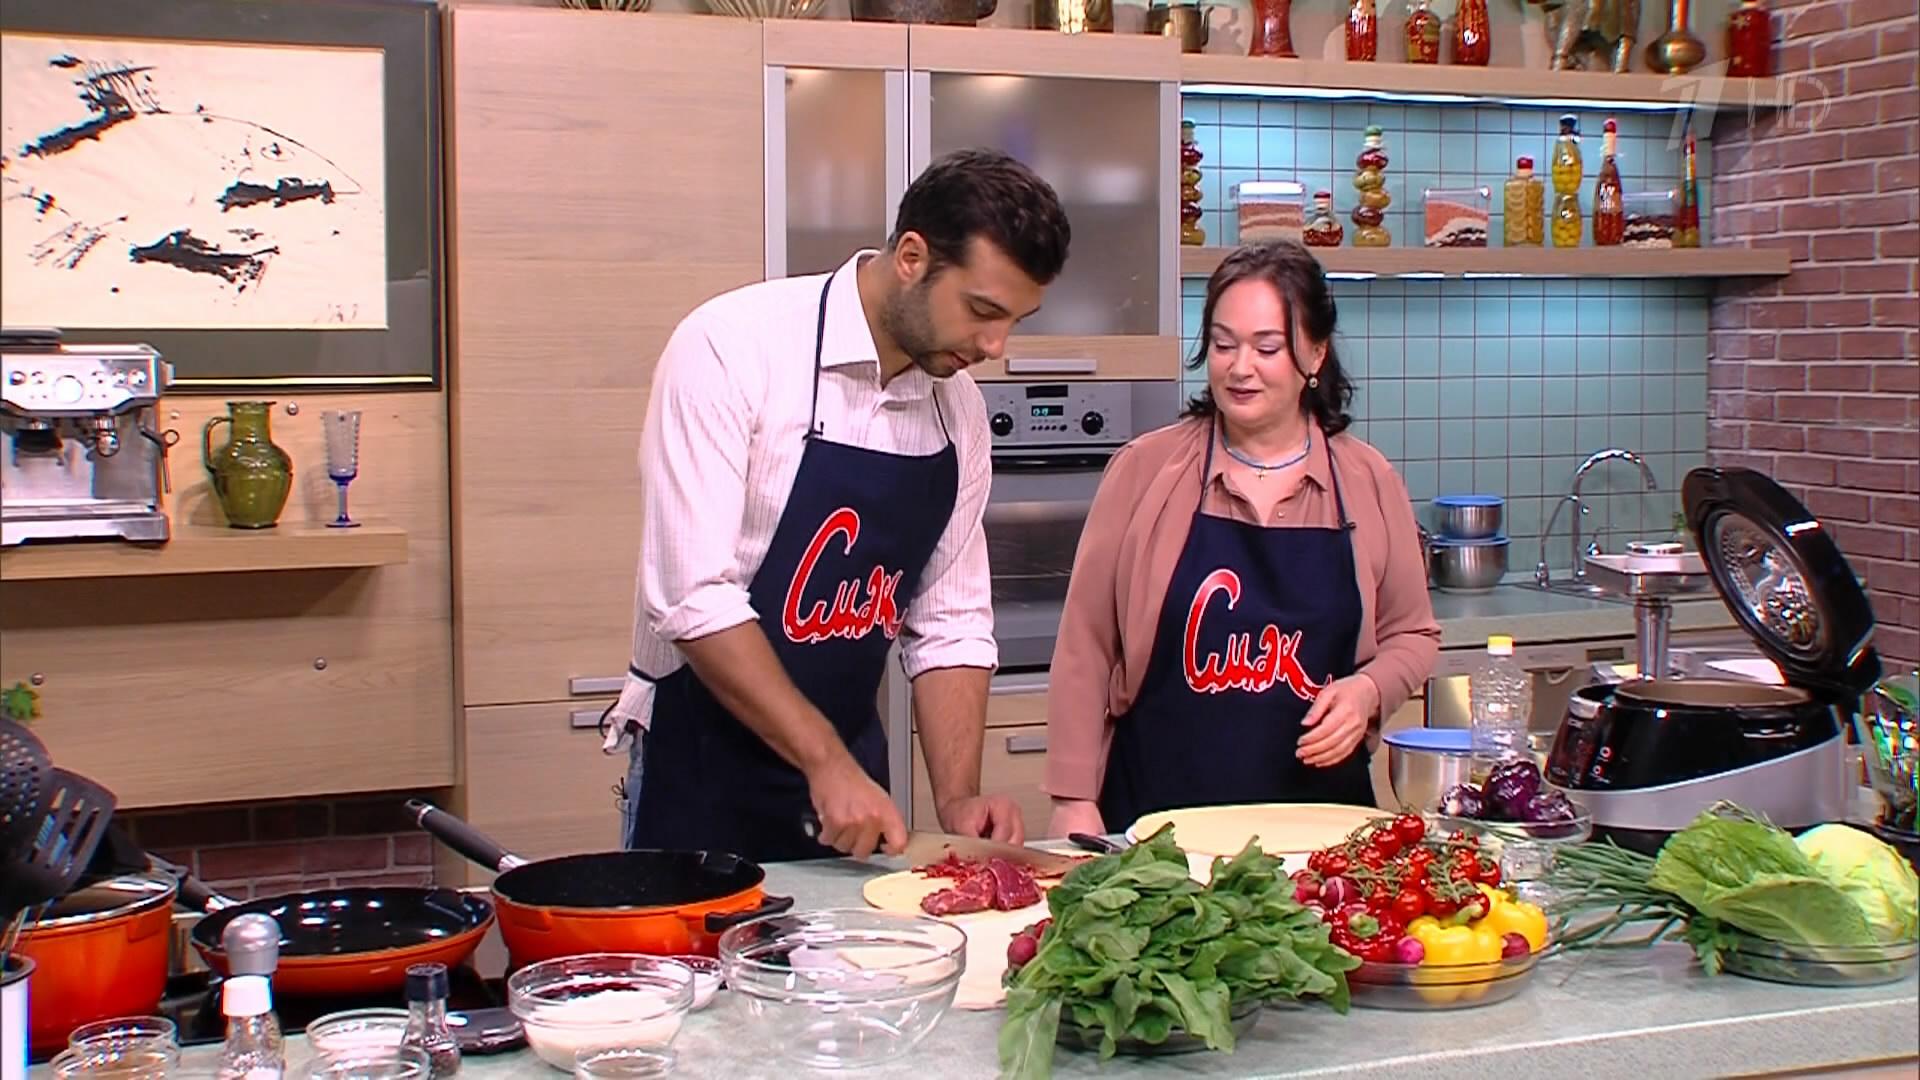 Праздничная выпечка испании рецепты фото плечи